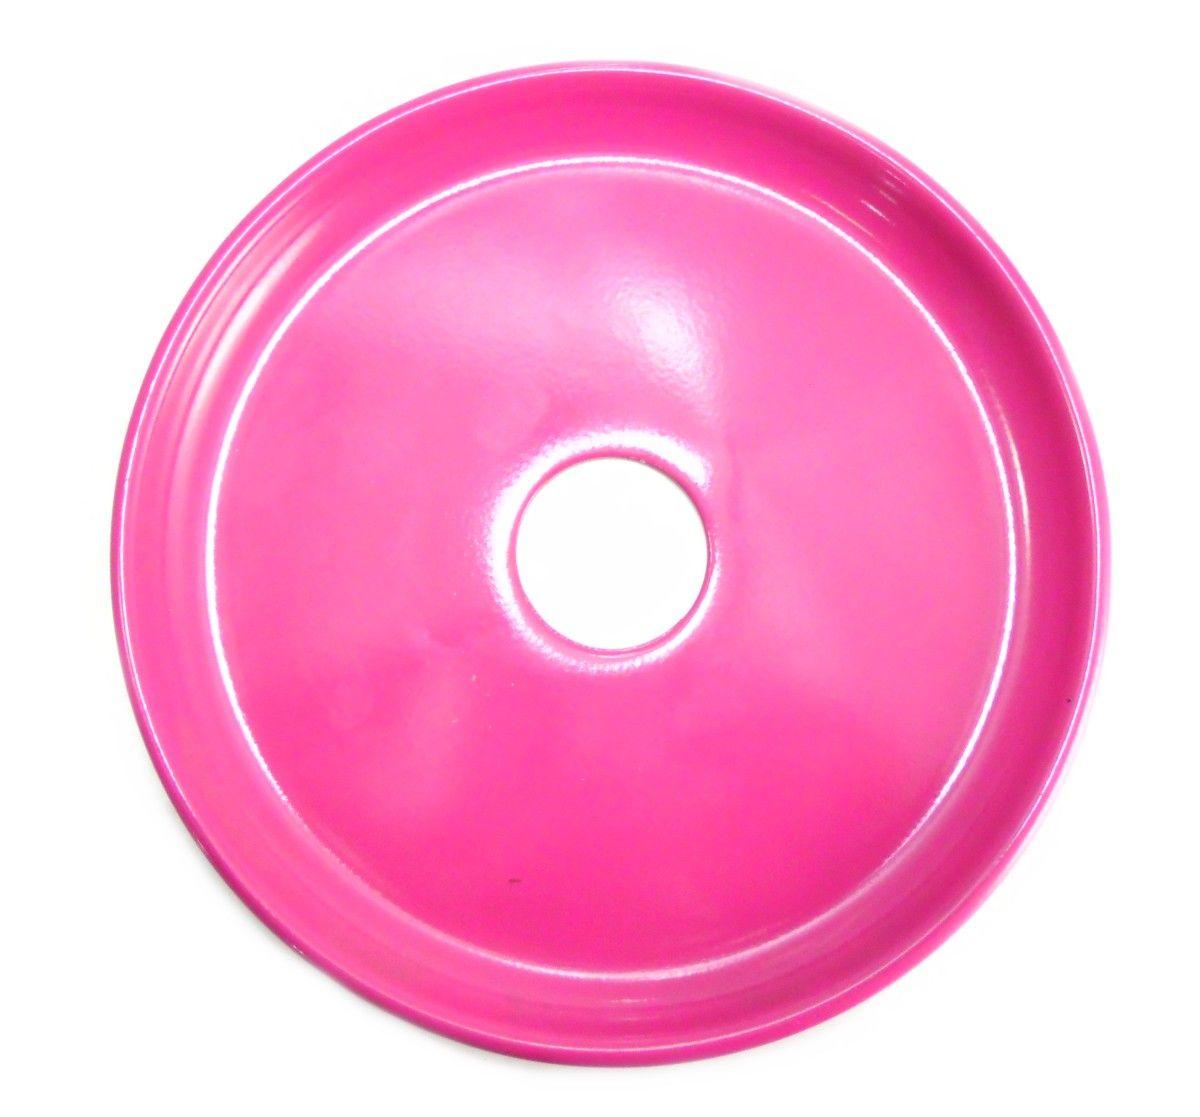 Prato para narguile mod. Wire na cor Rosa, 20cm de diâmetro, furo com 4,7cm de diâmetro.